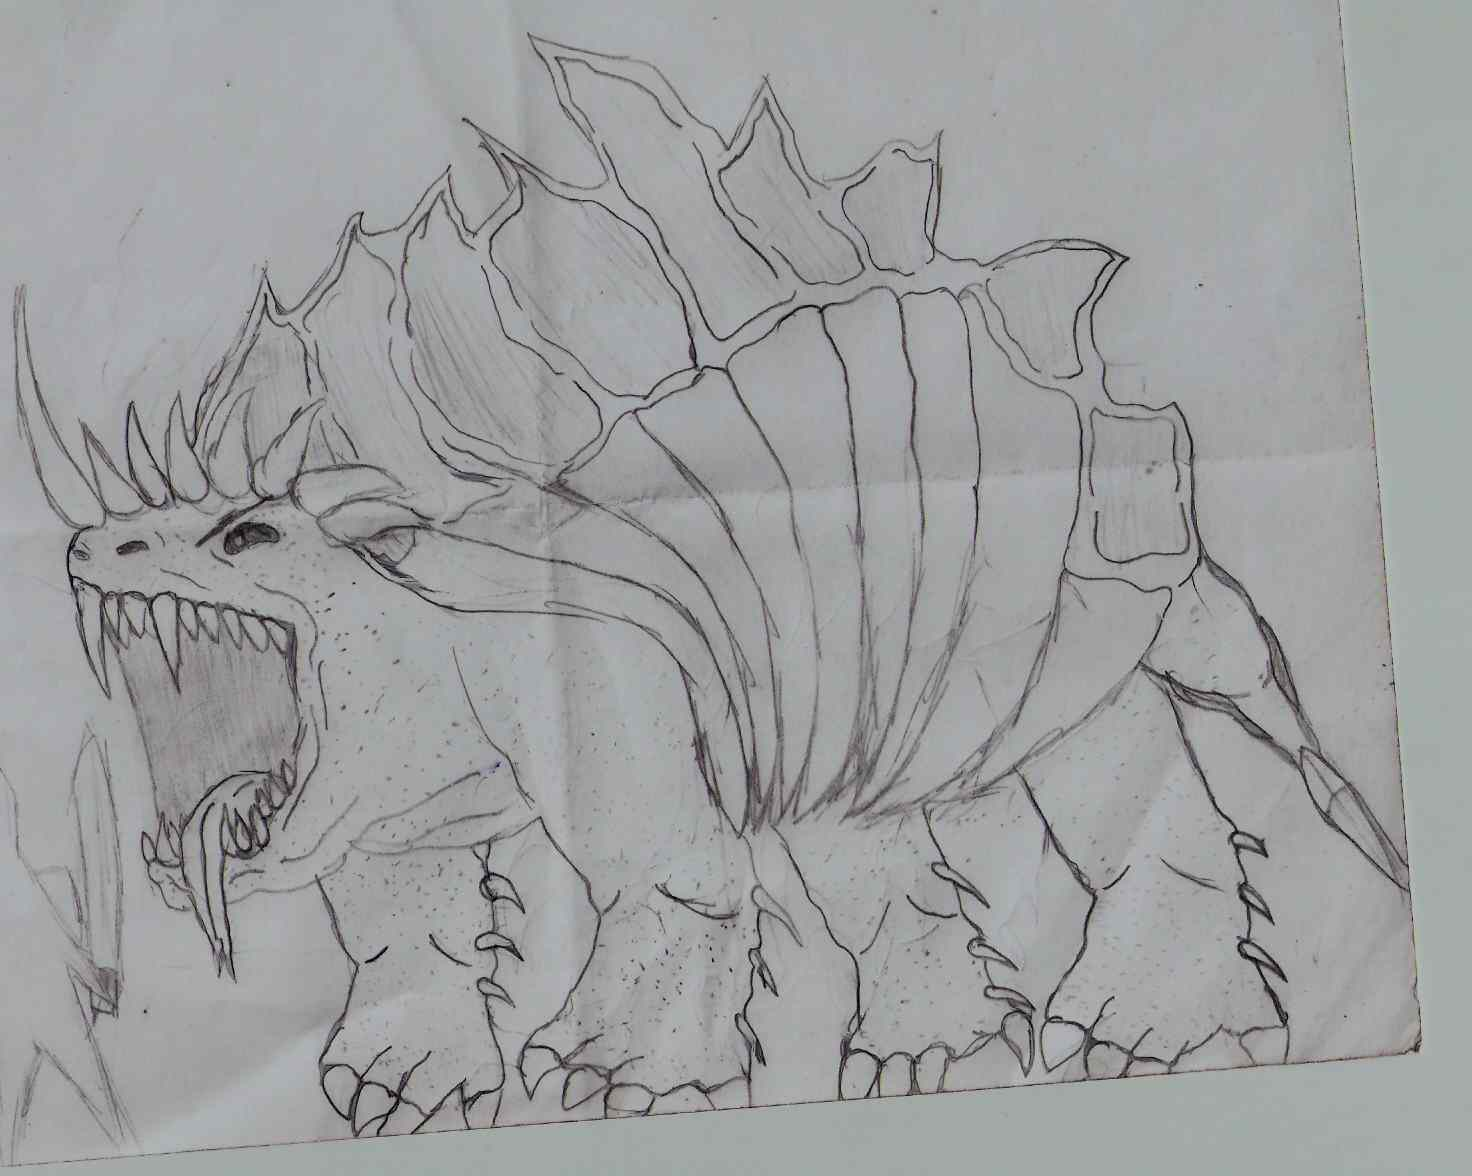 Spike Beast